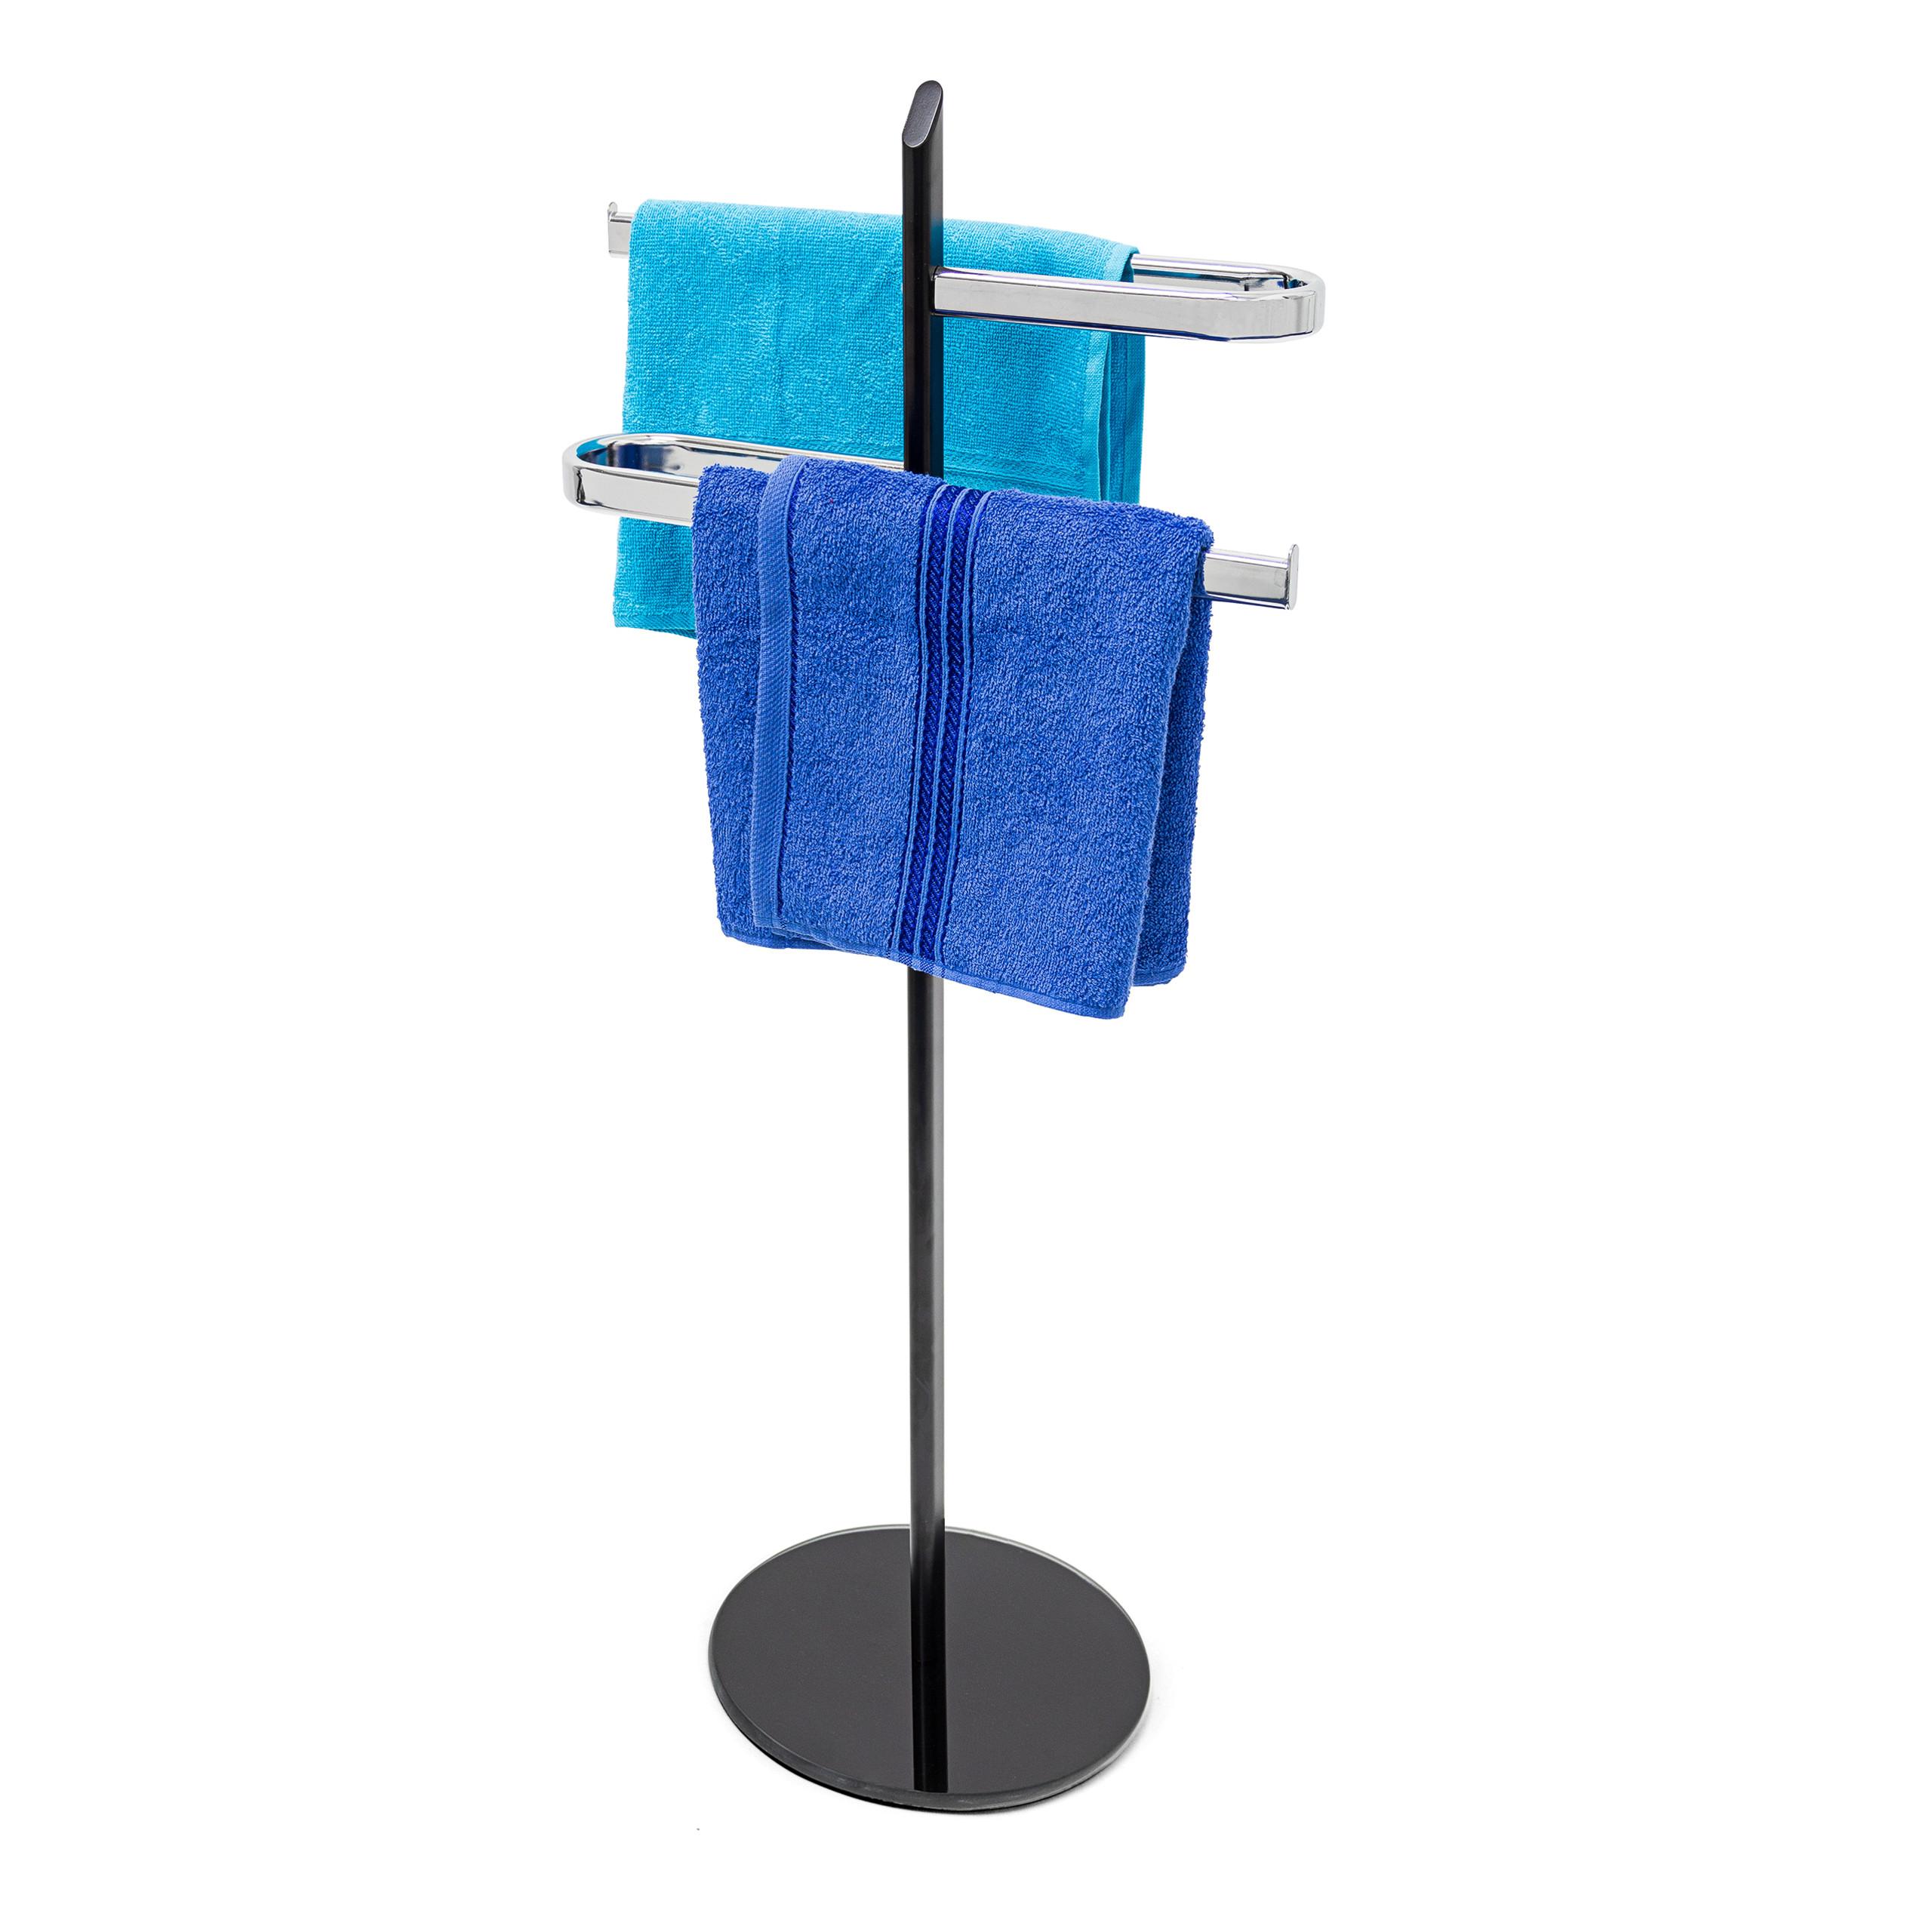 Porte-serviettes-sur-pied-KLAAS-en-Inox-base-en-verre-Support-serviette-bain